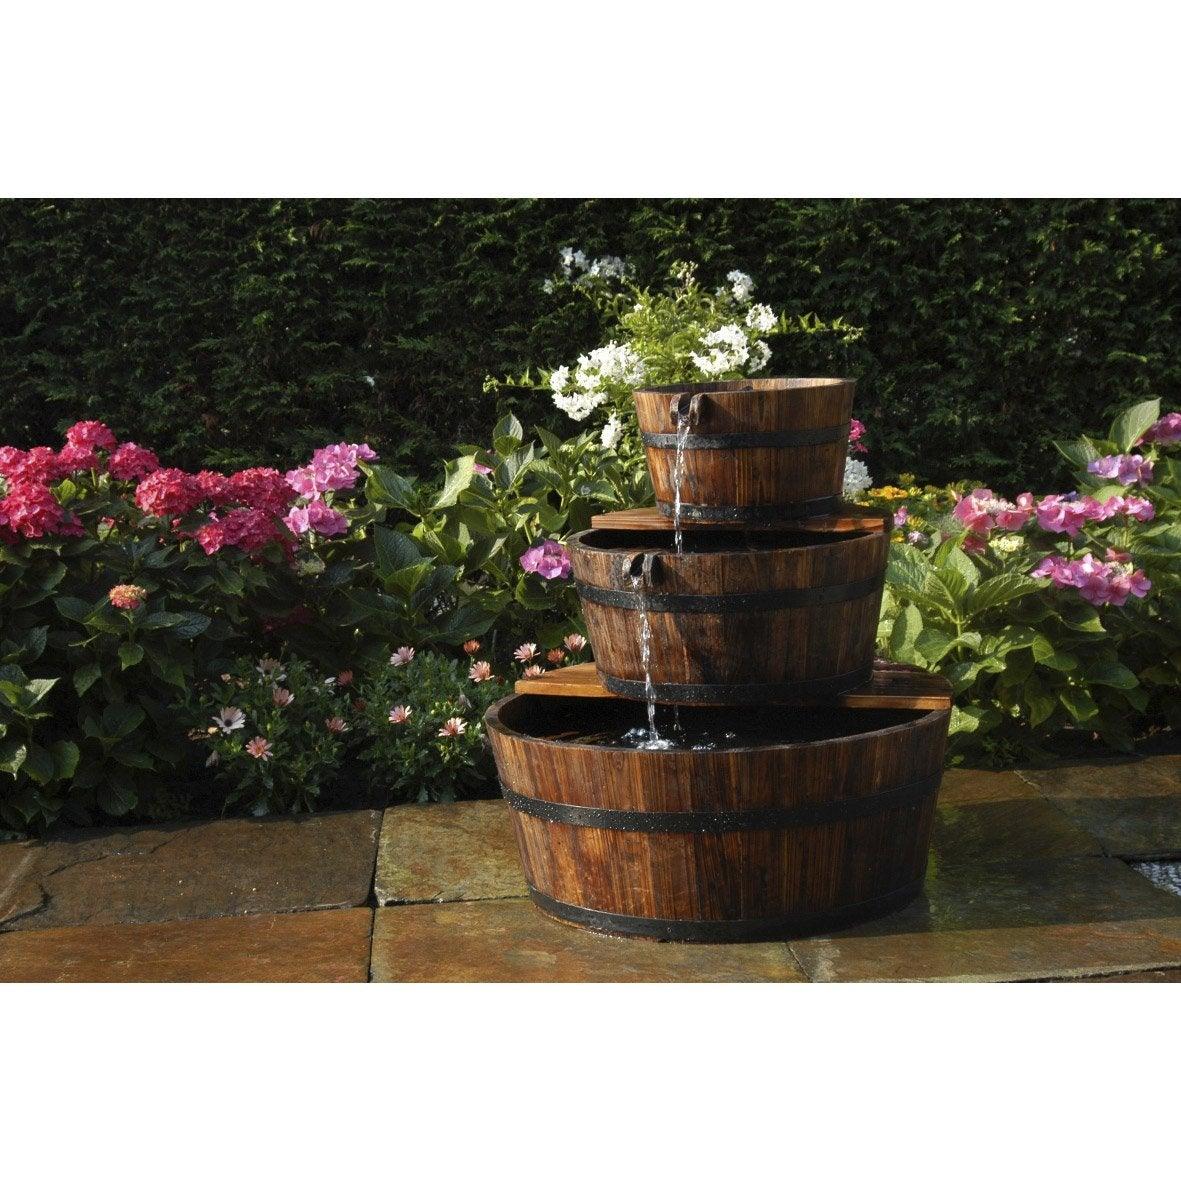 kit fontaine ubbink edingurgh 3 tonneaux bois marron h. Black Bedroom Furniture Sets. Home Design Ideas